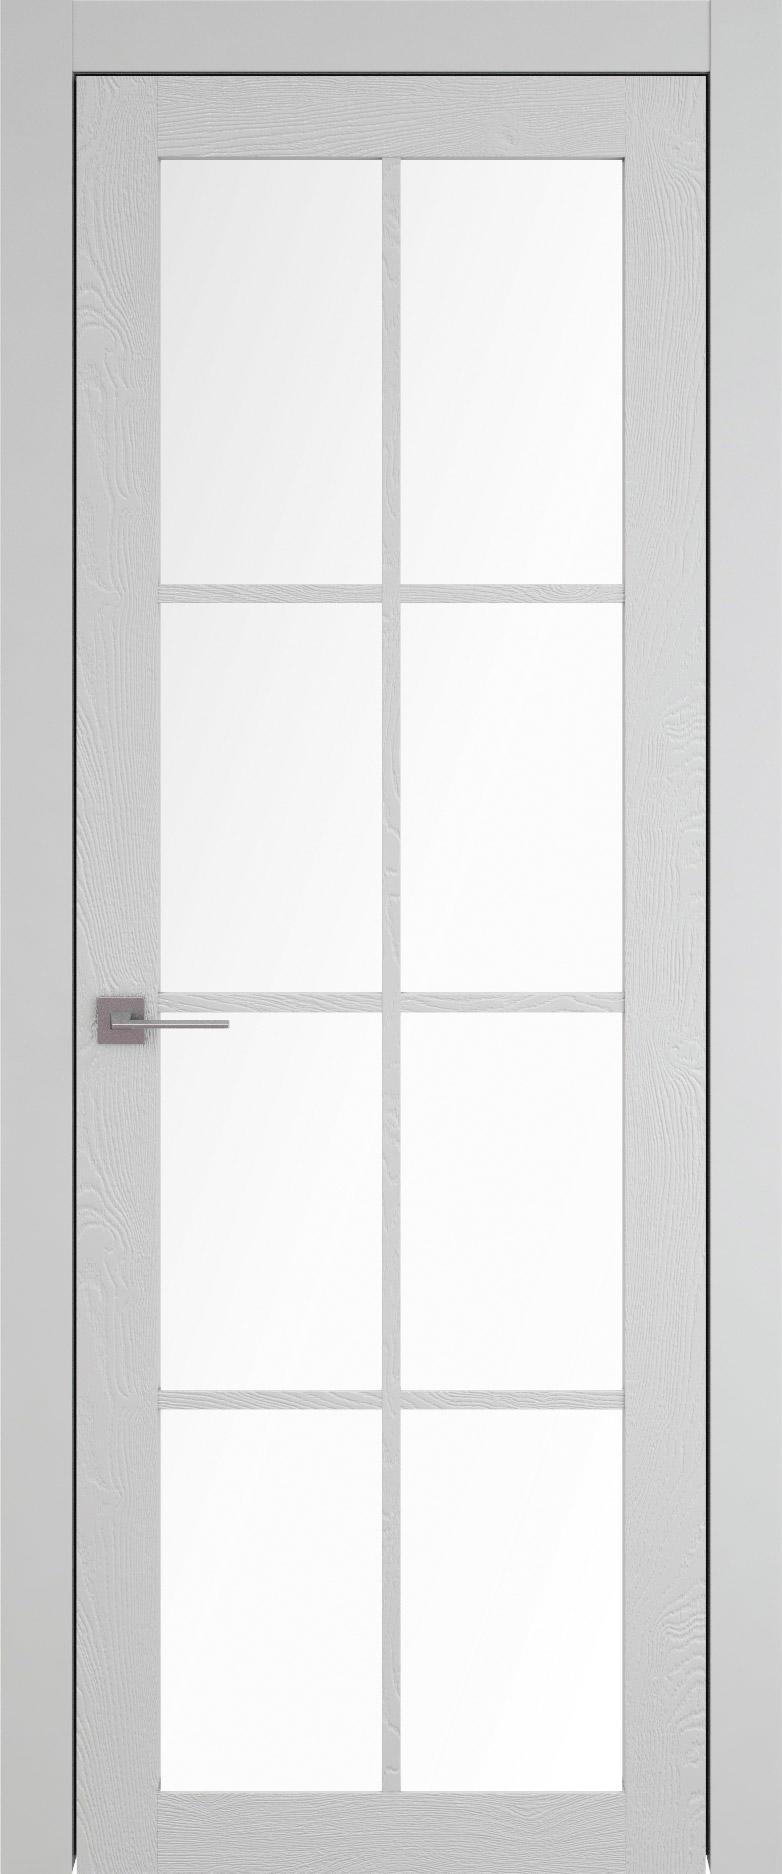 Tivoli З-5 цвет - Серая эмаль по шпону (RAL 7047) Со стеклом (ДО)